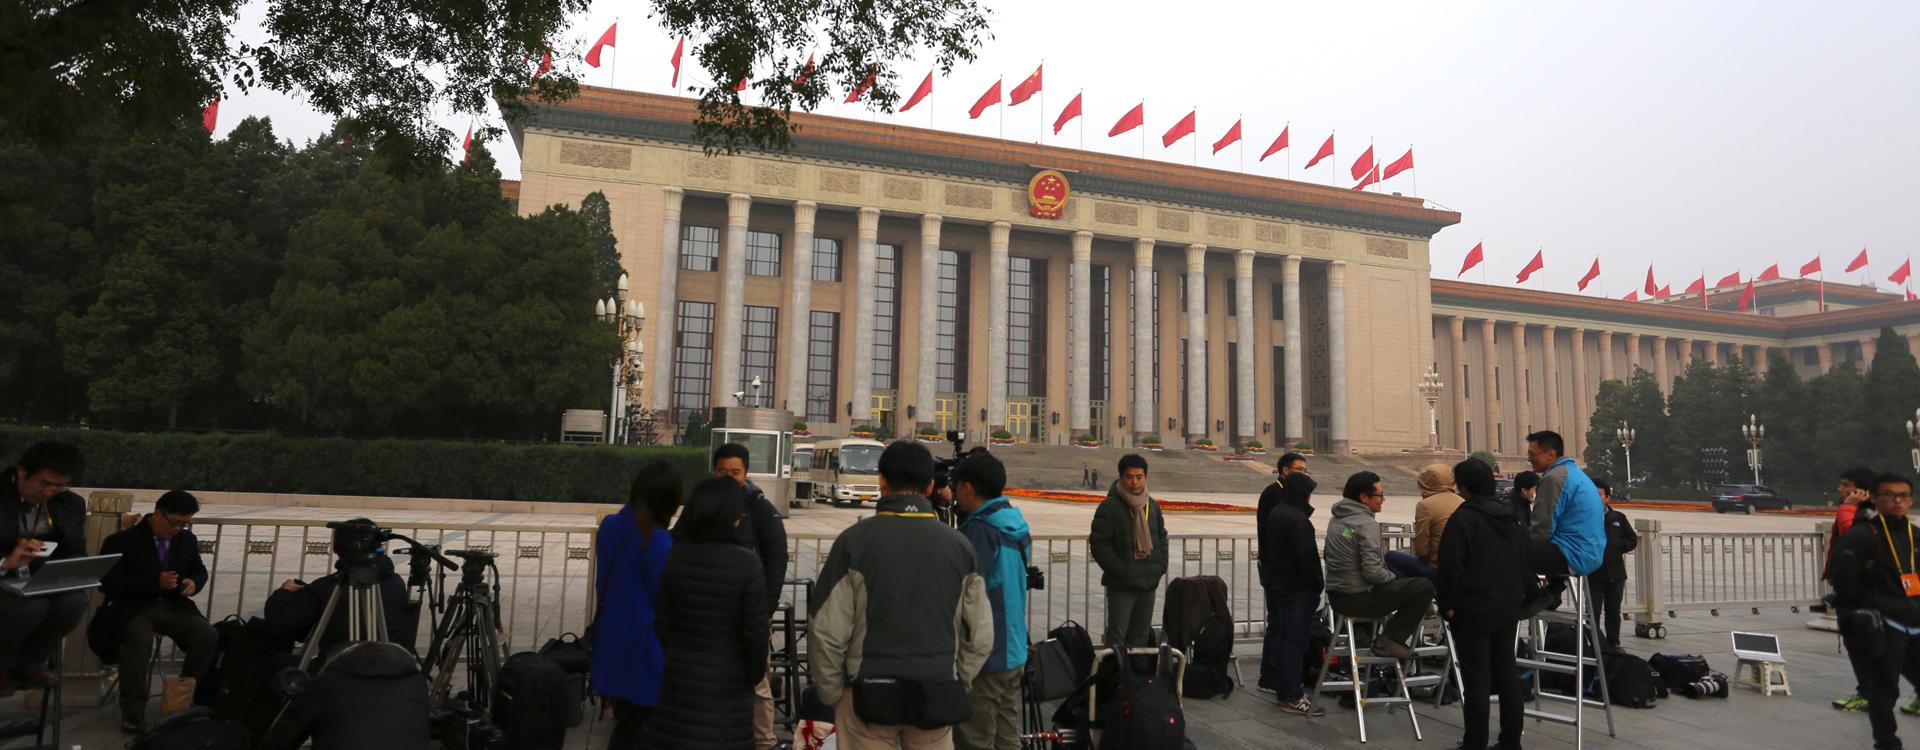 十九届一中全会今举行 中外记者在人民大会堂外排队